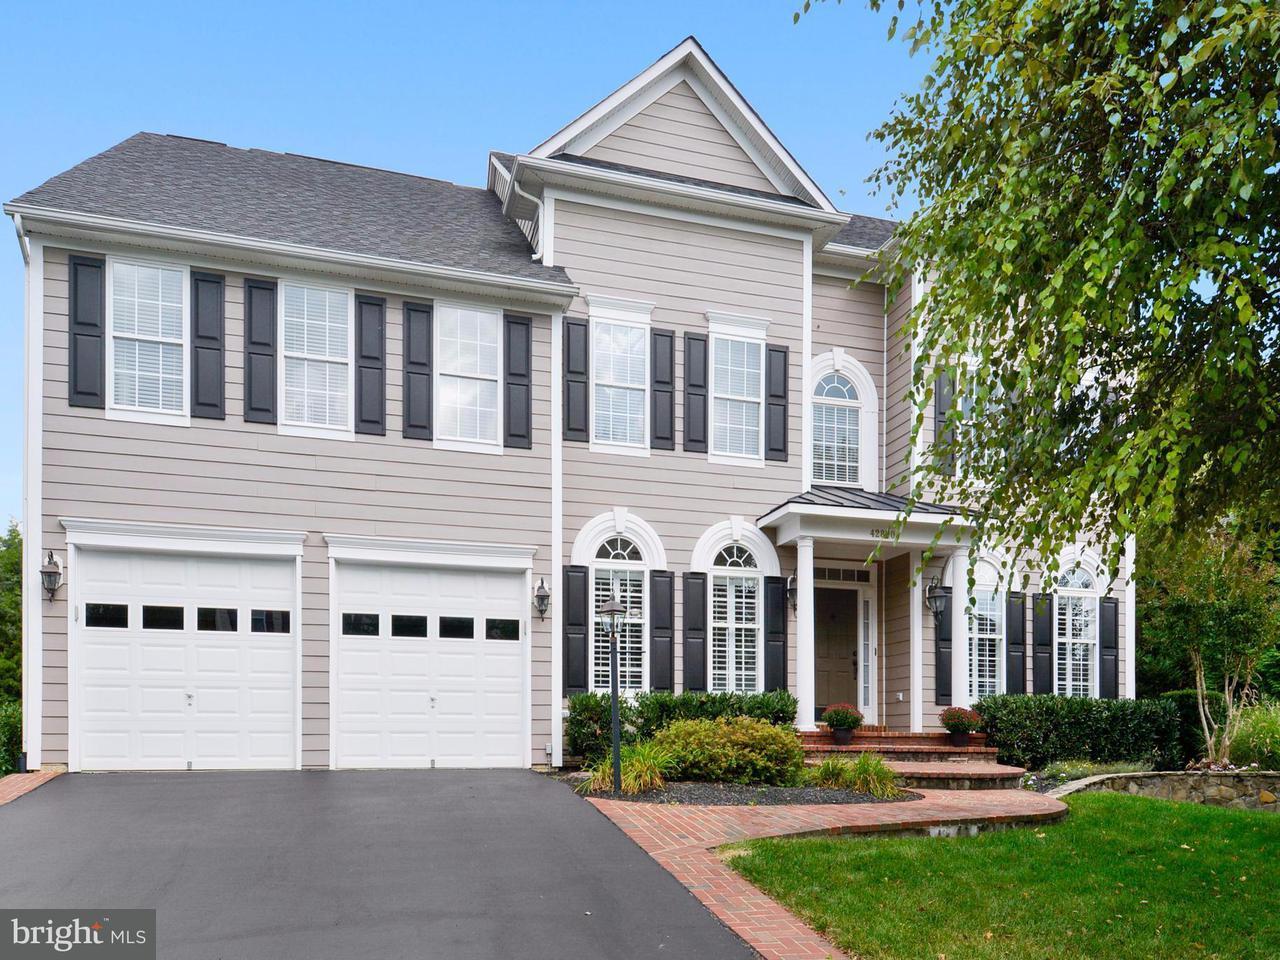 Single Family Home for Sale at 42870 GLYNDEBOURNE Court 42870 GLYNDEBOURNE Court Broadlands, Virginia 20148 United States